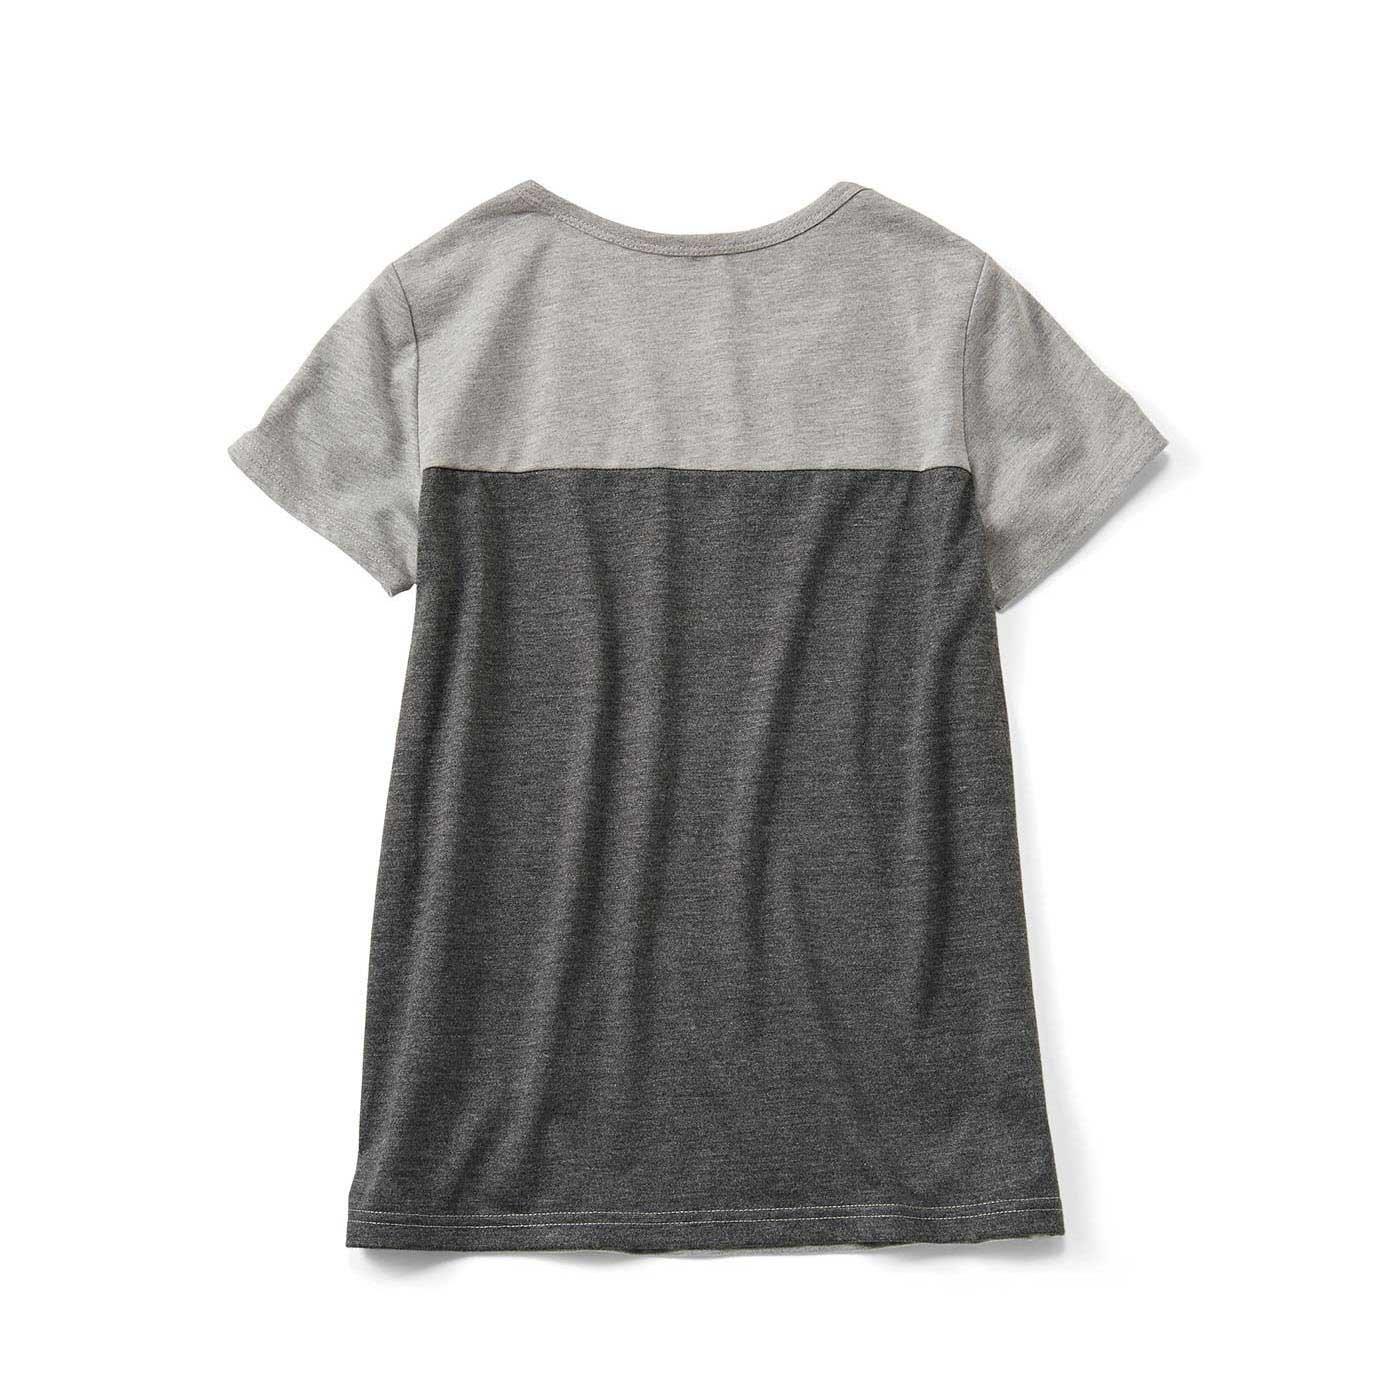 後ろ姿がかわいい 切り替えTシャツ〈グレー×濃グレー〉